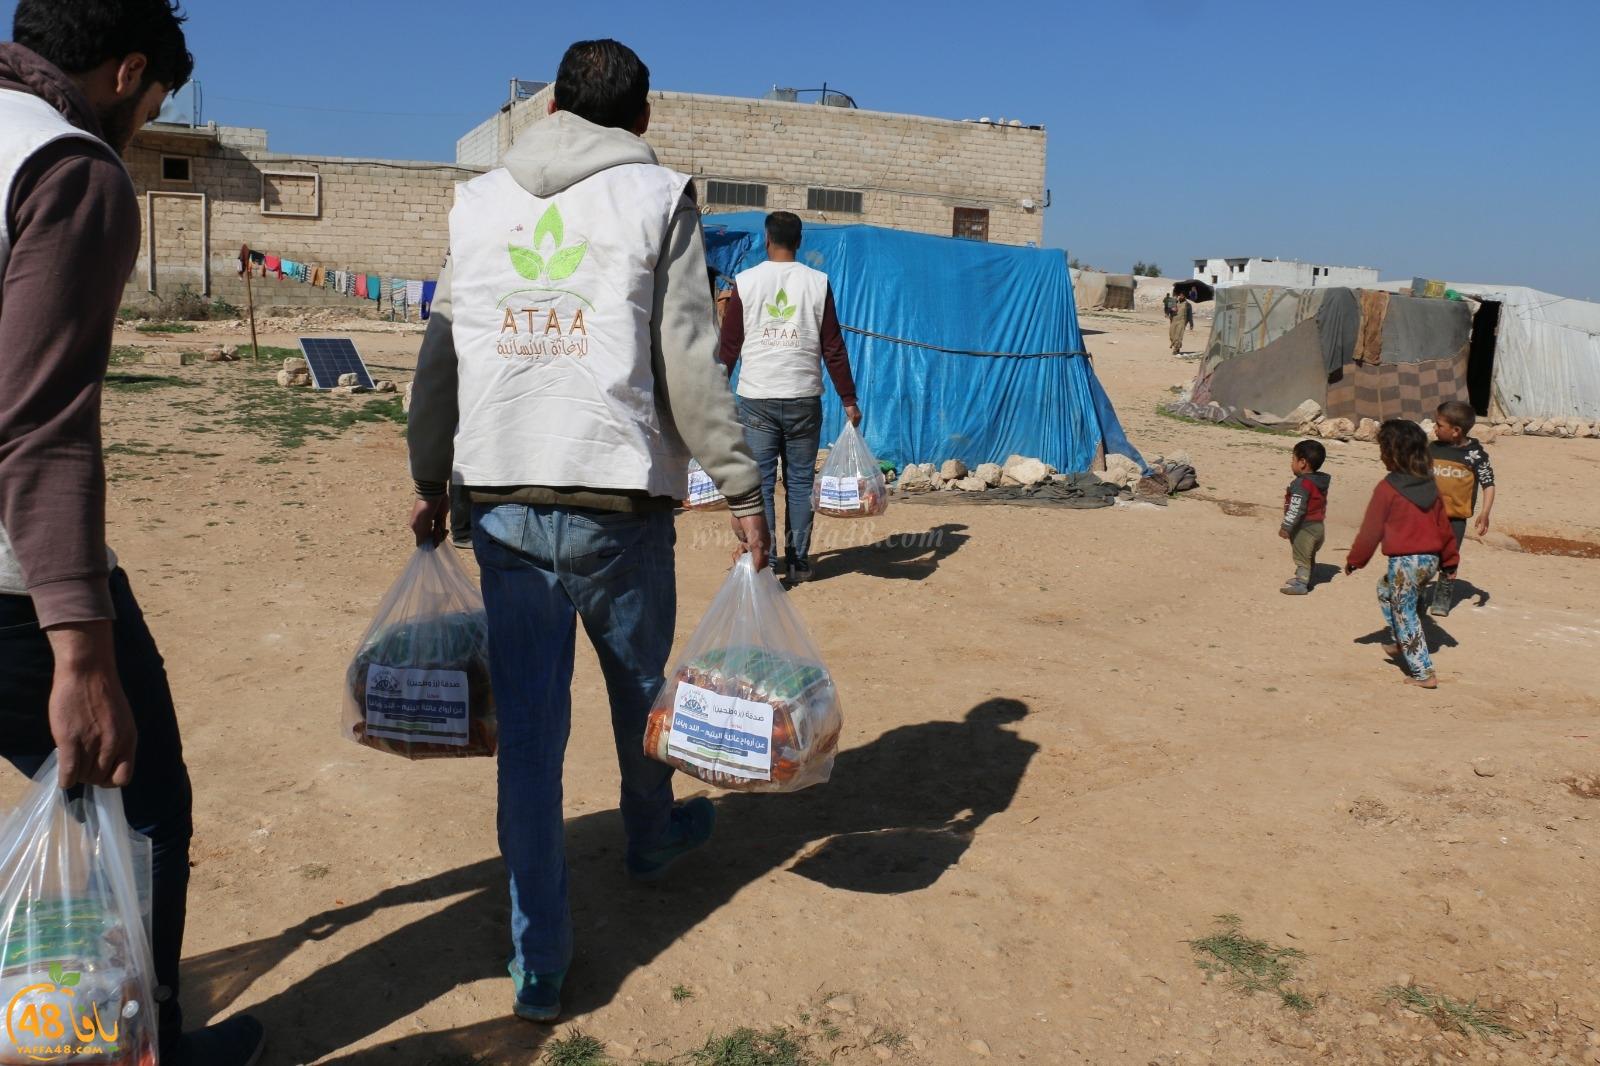 فيديو: توزيع مواد غذائية على اللاجئين السوريين كصدقة جارية عن أرواح عائلة اليتيم